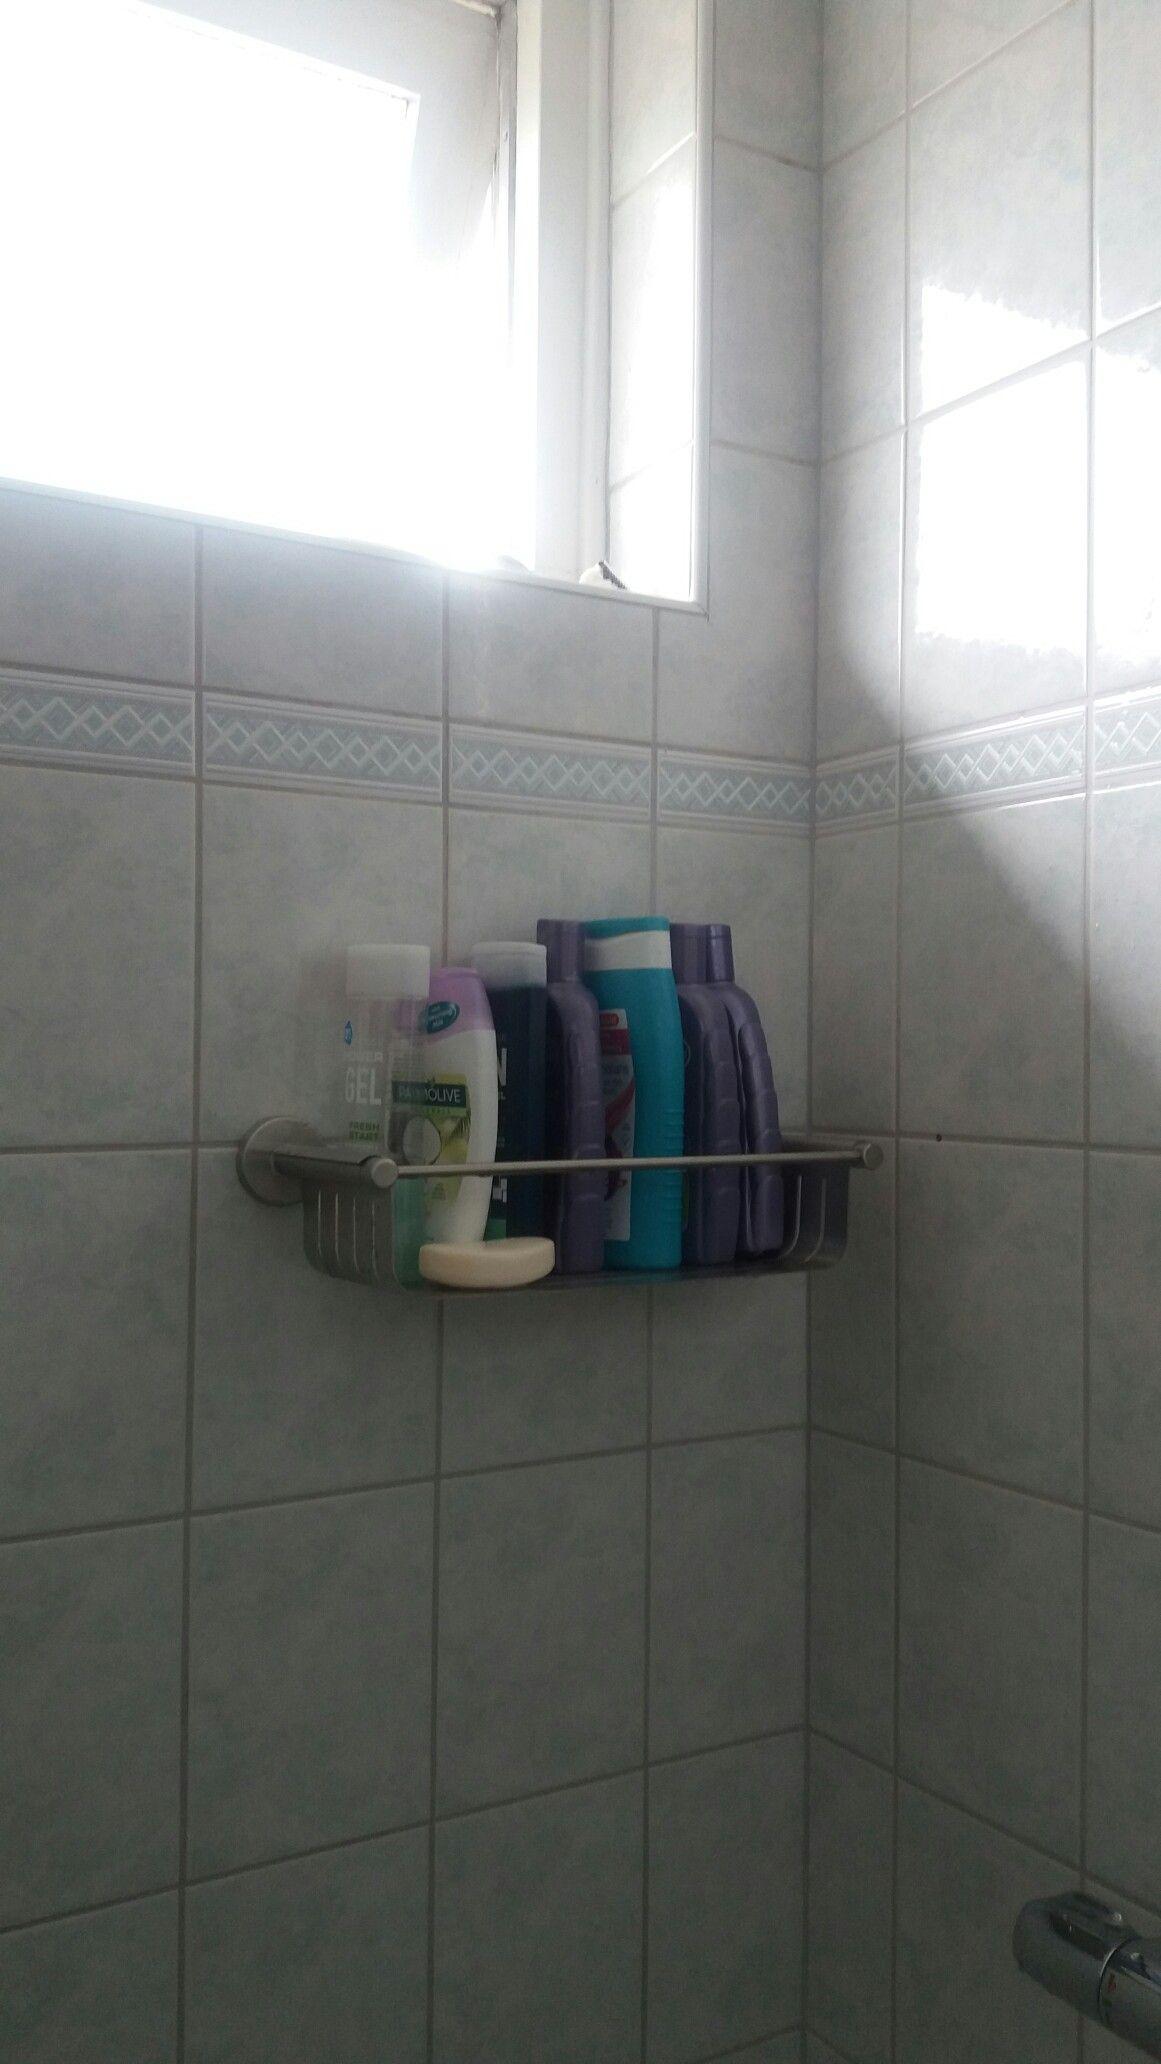 Rekje voor de flessen shampoo enz. Karwei (met